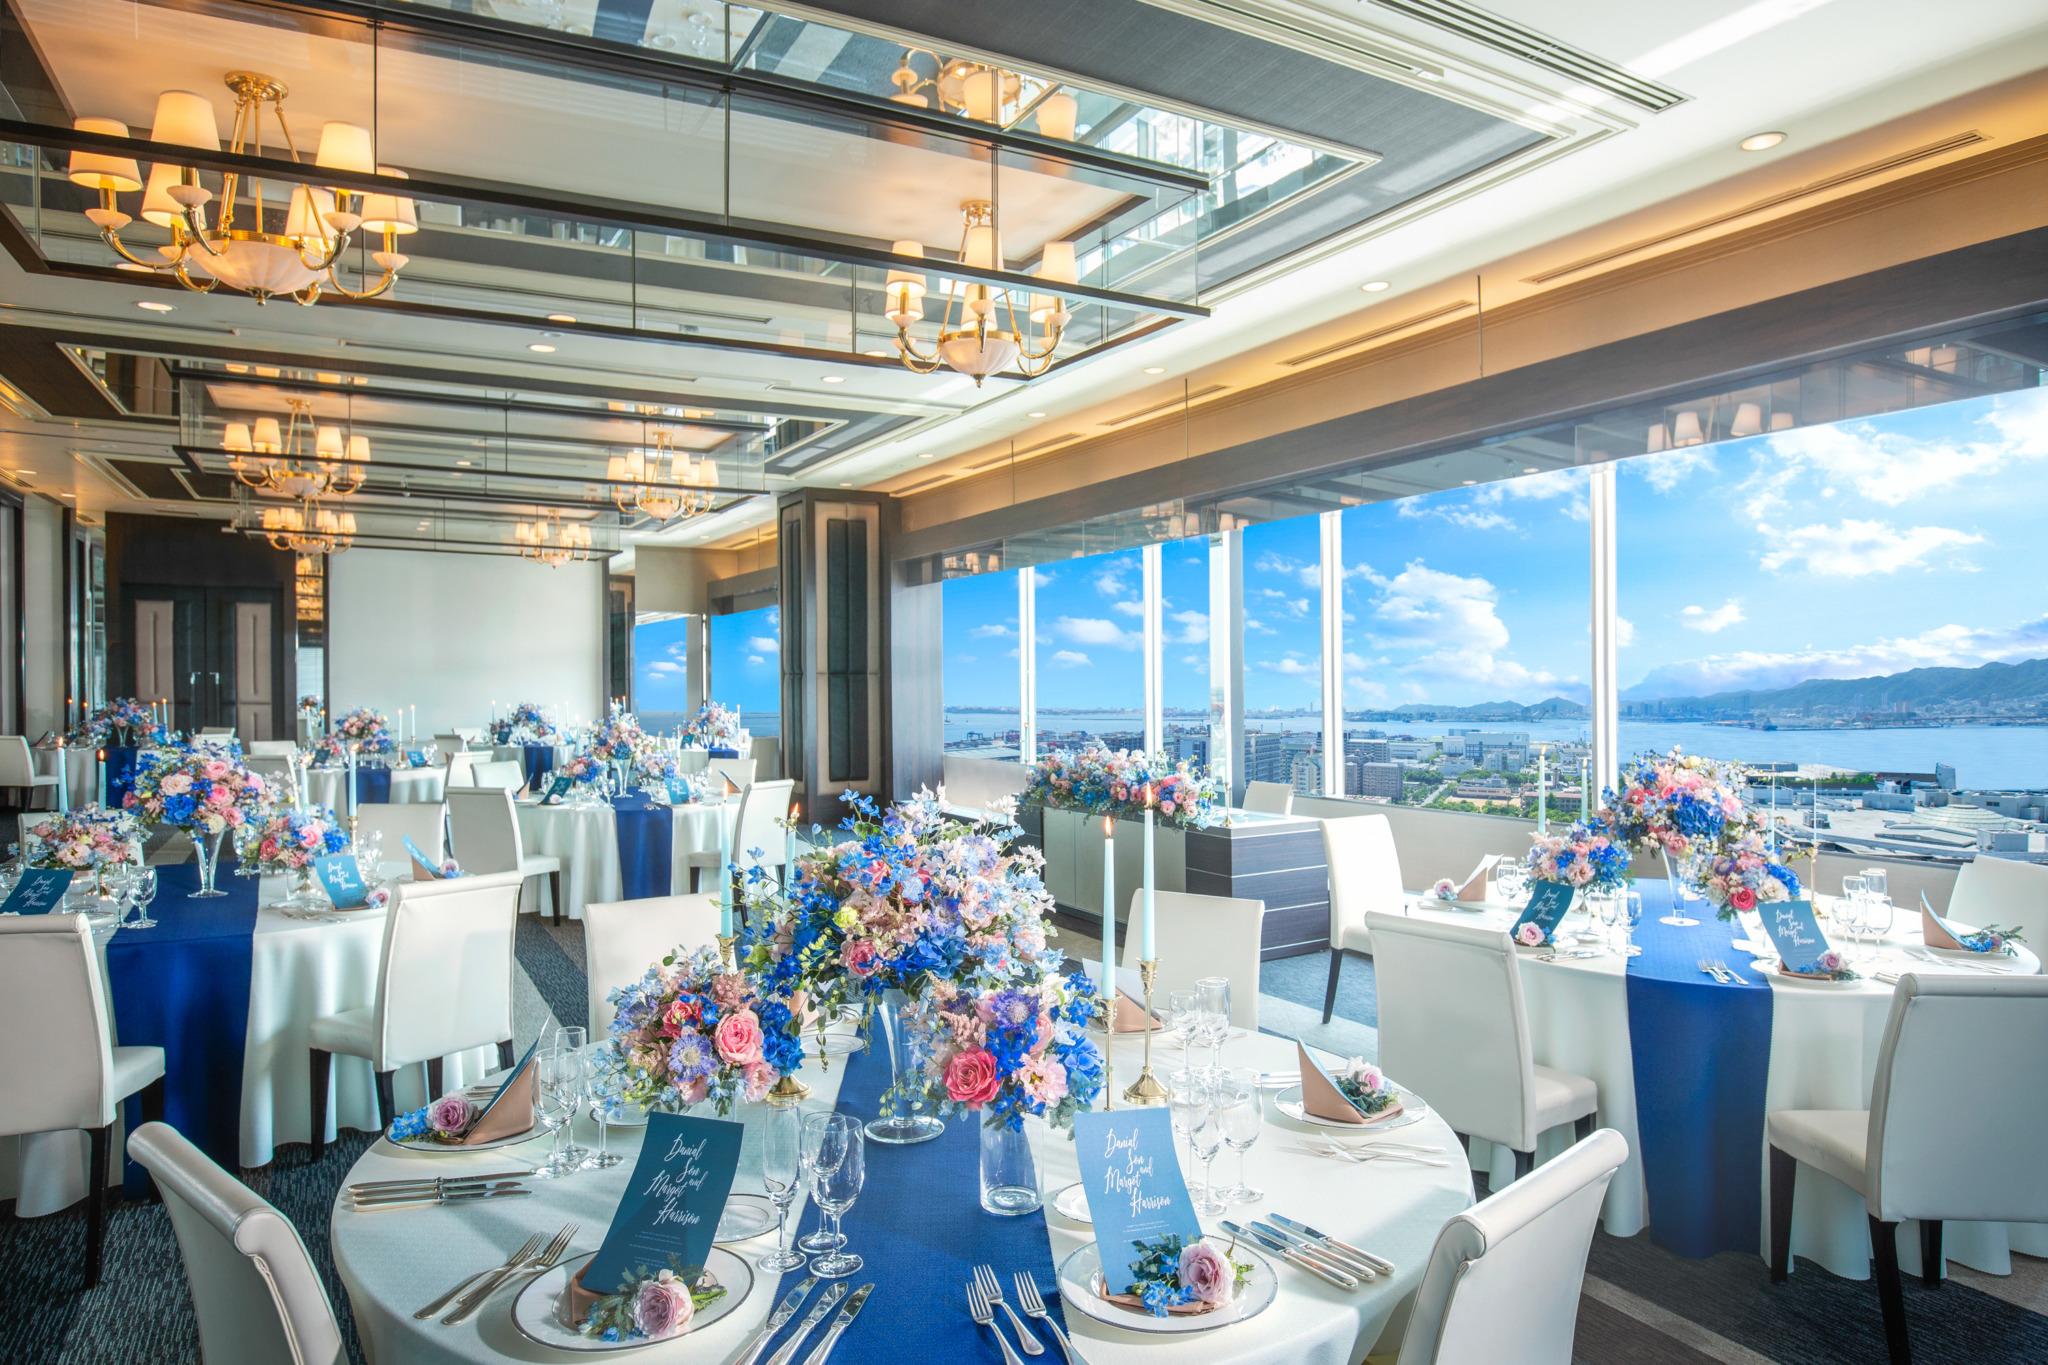 神戸の景色と空と海を望む大きな窓は、 乾杯の発声とともにブラインドオープン!